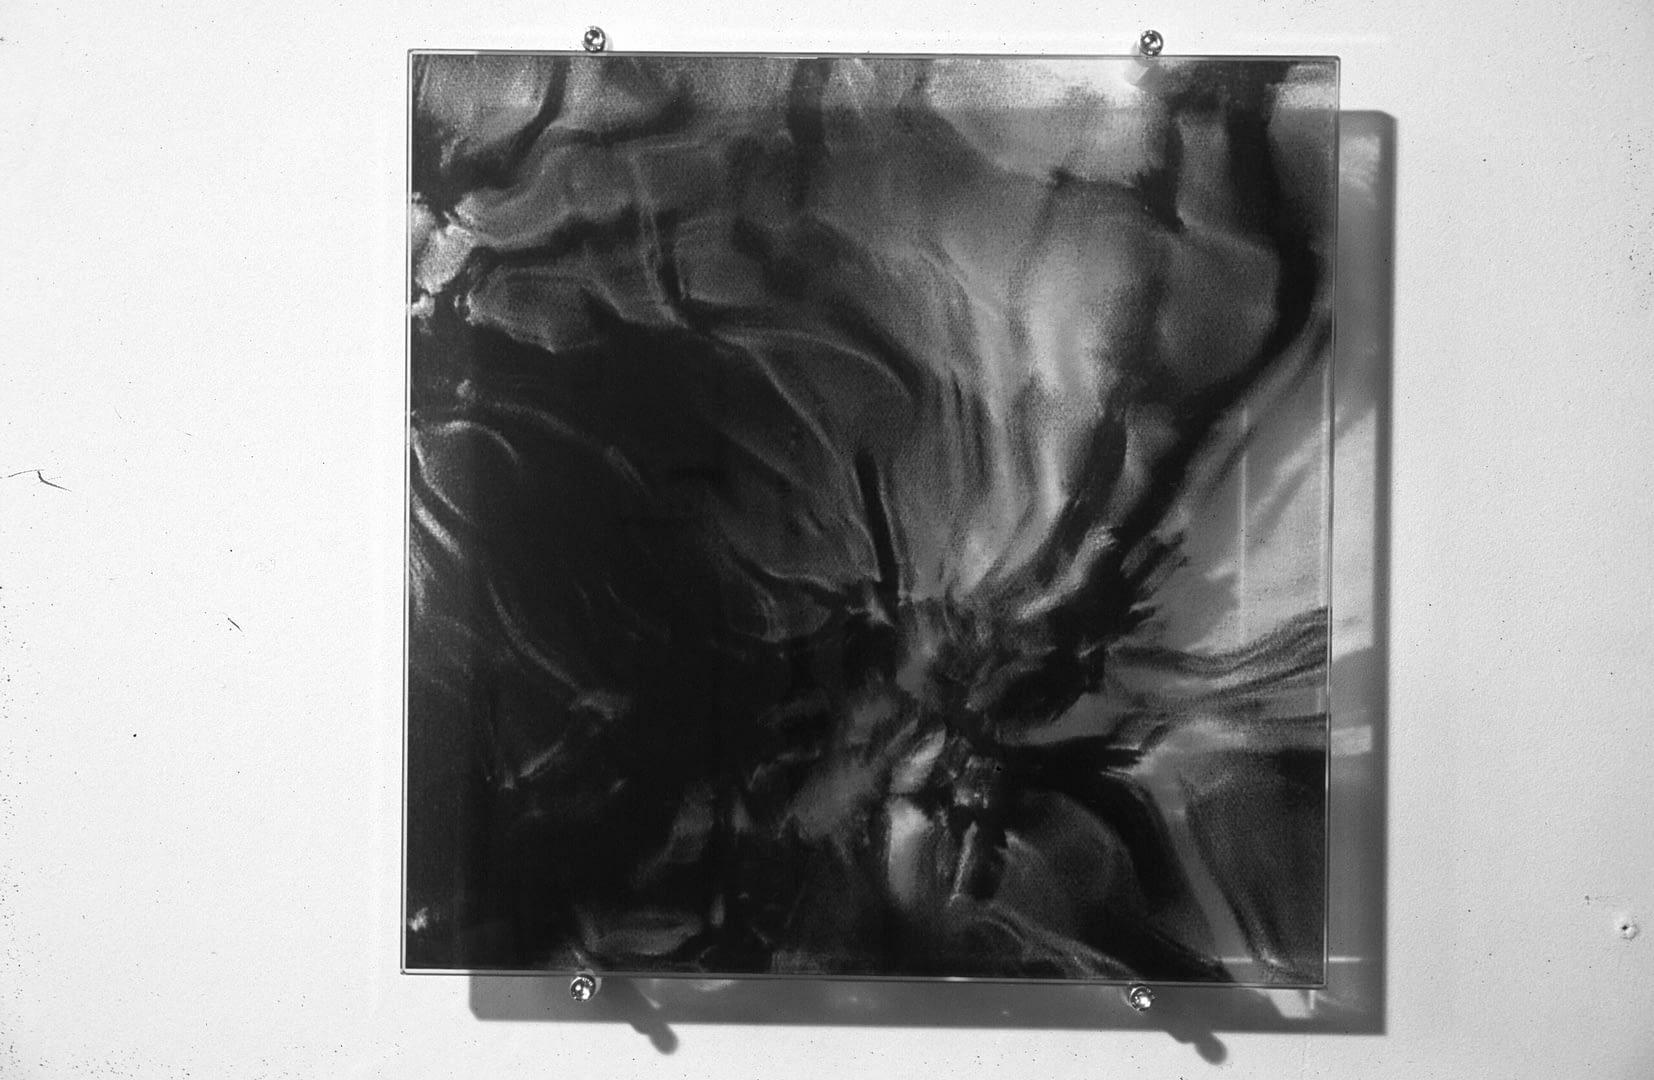 Siebdruck auf Glas, 30x30cm, 2002